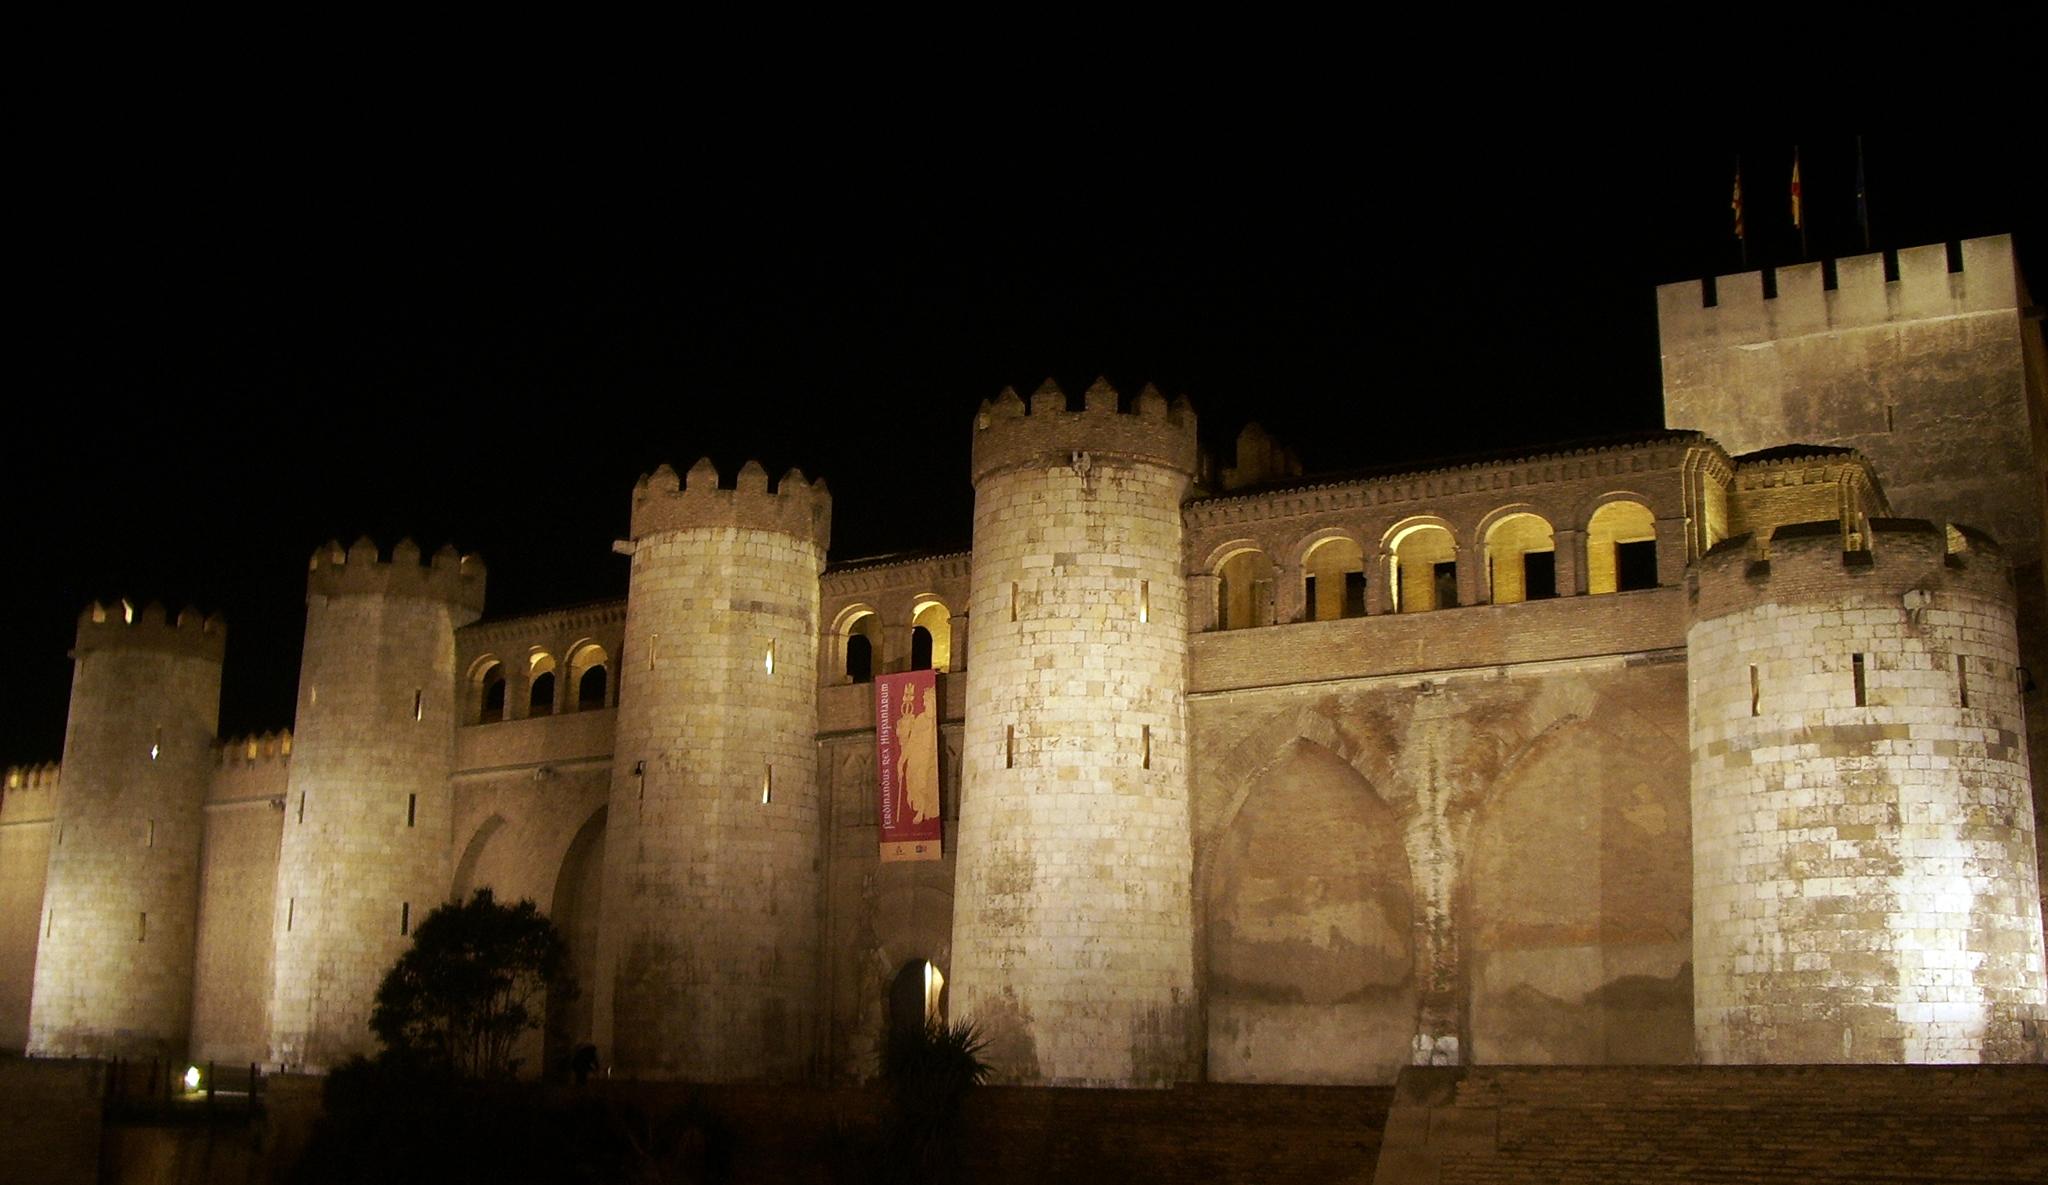 Palacio de la Aljafería en Zaragoza, en donde comienza la obra y el primer acto.